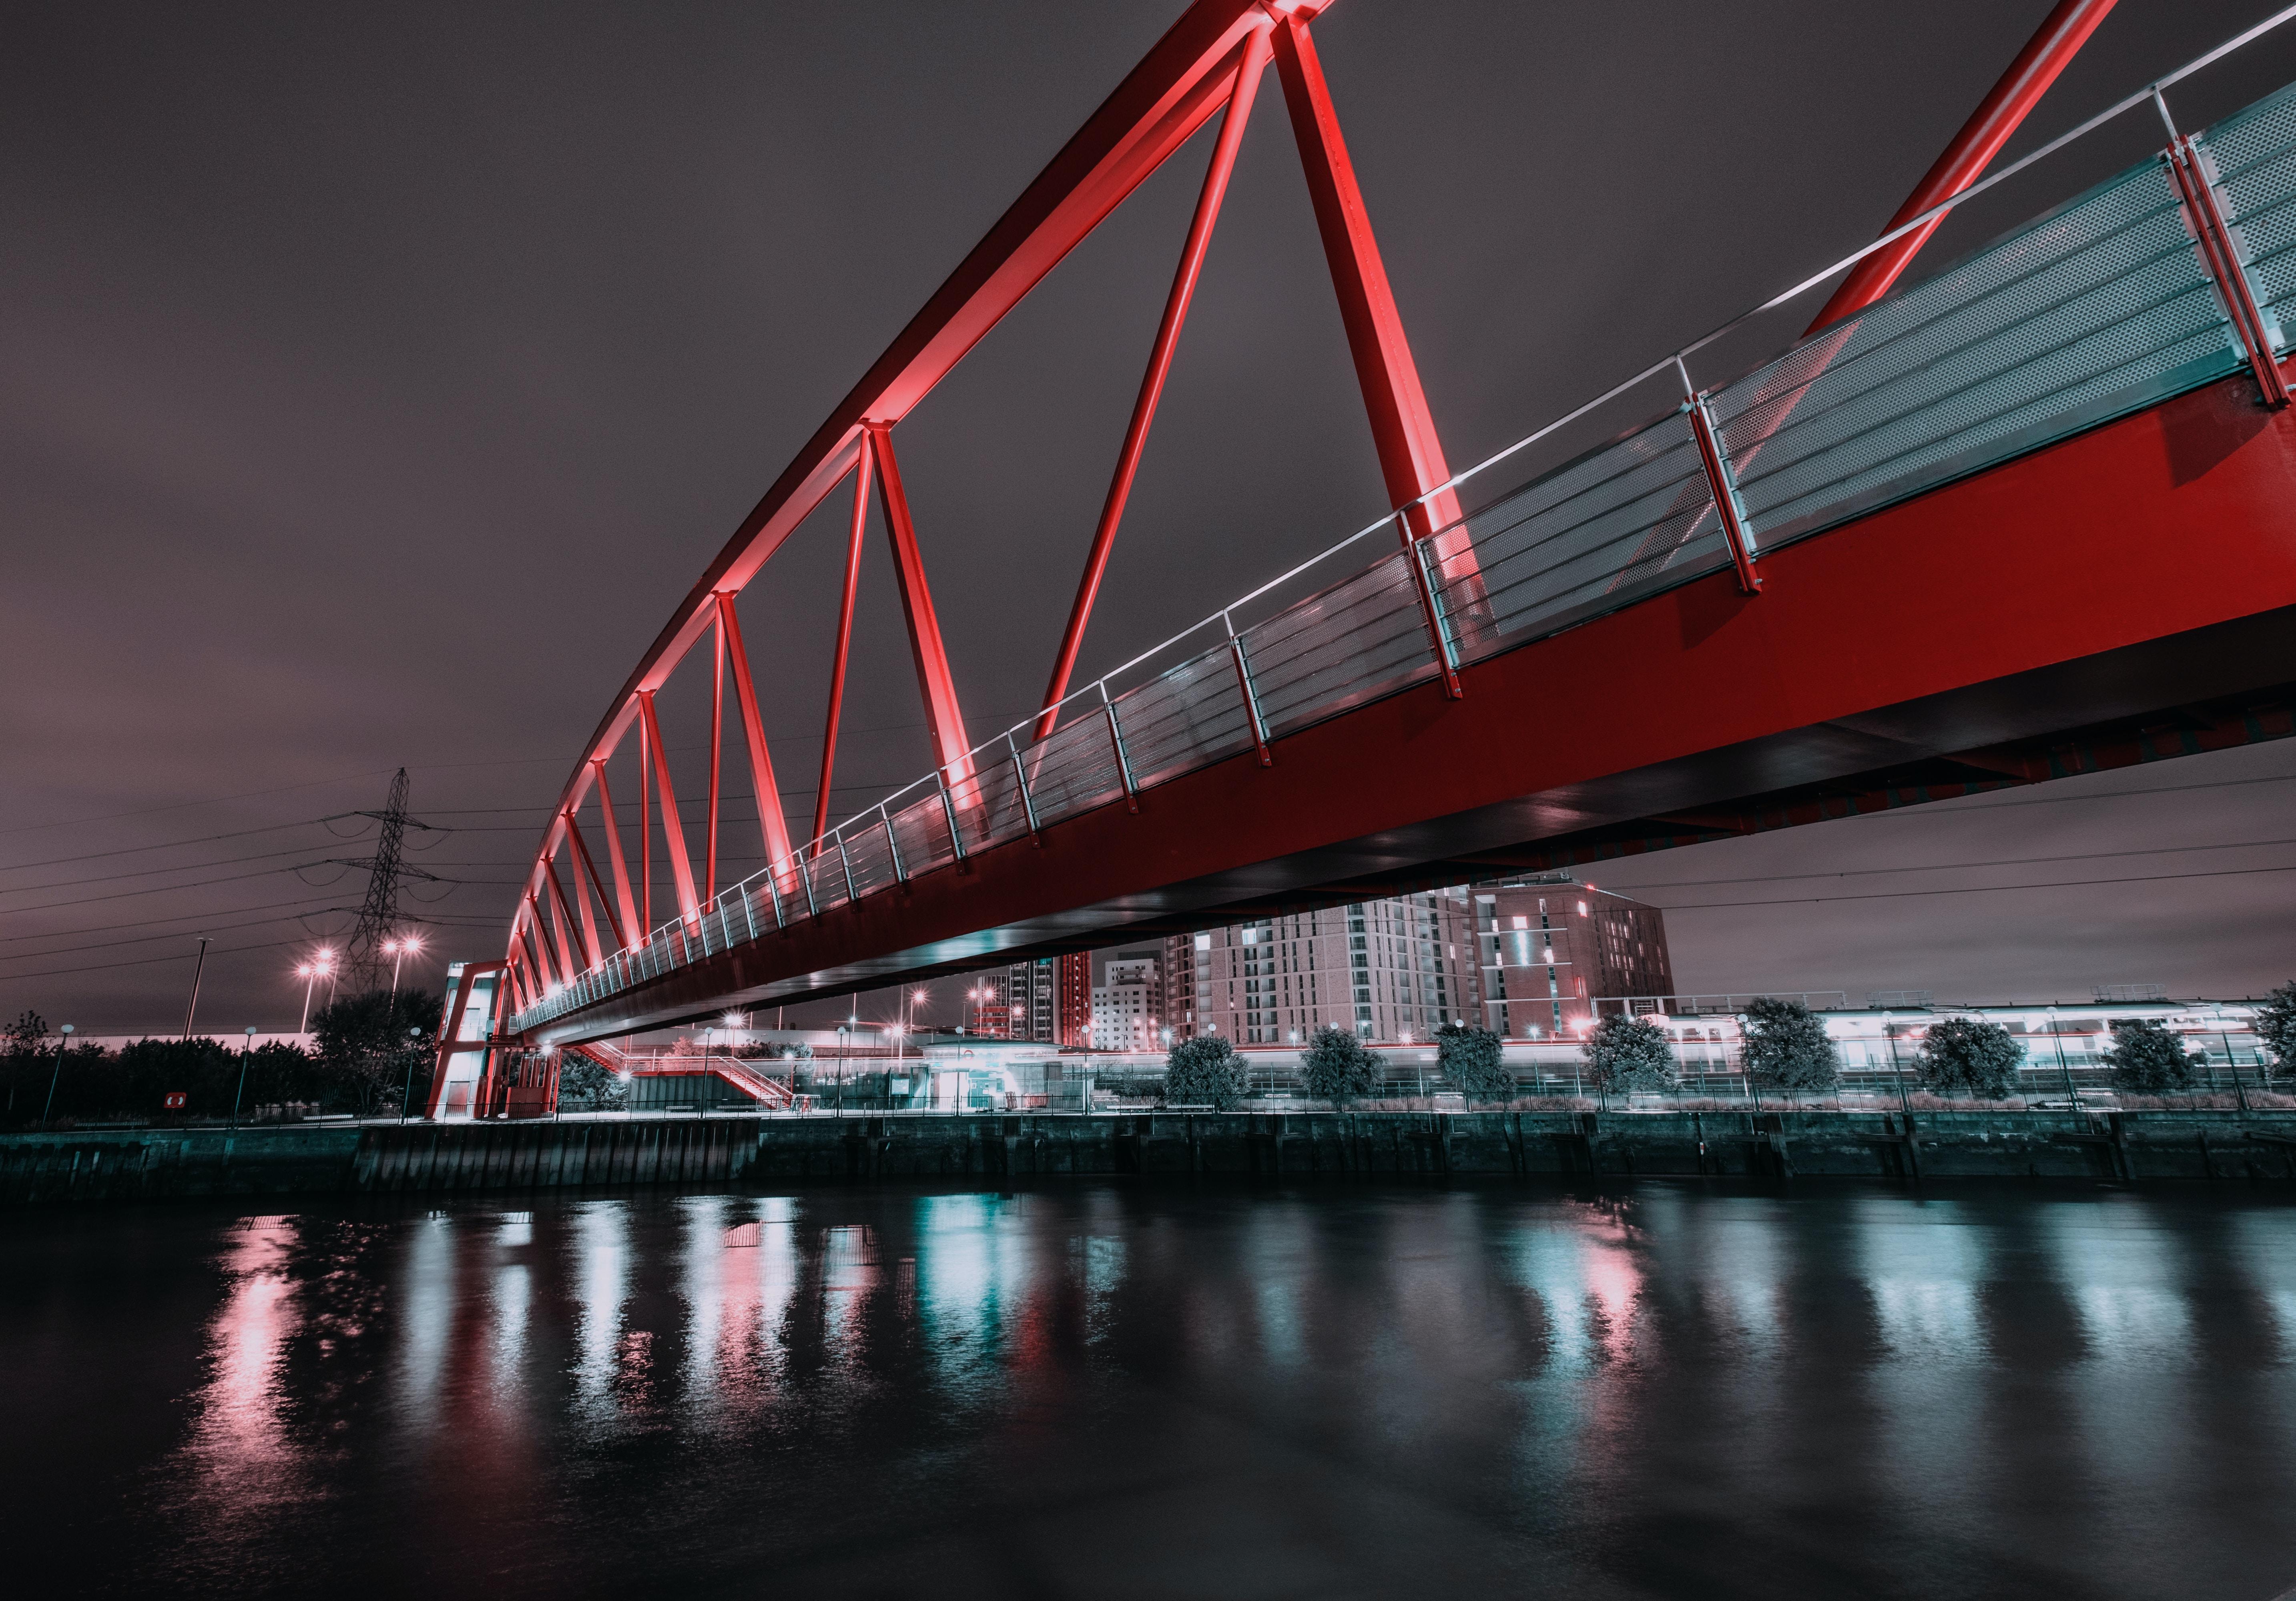 red truss bridge over body of water